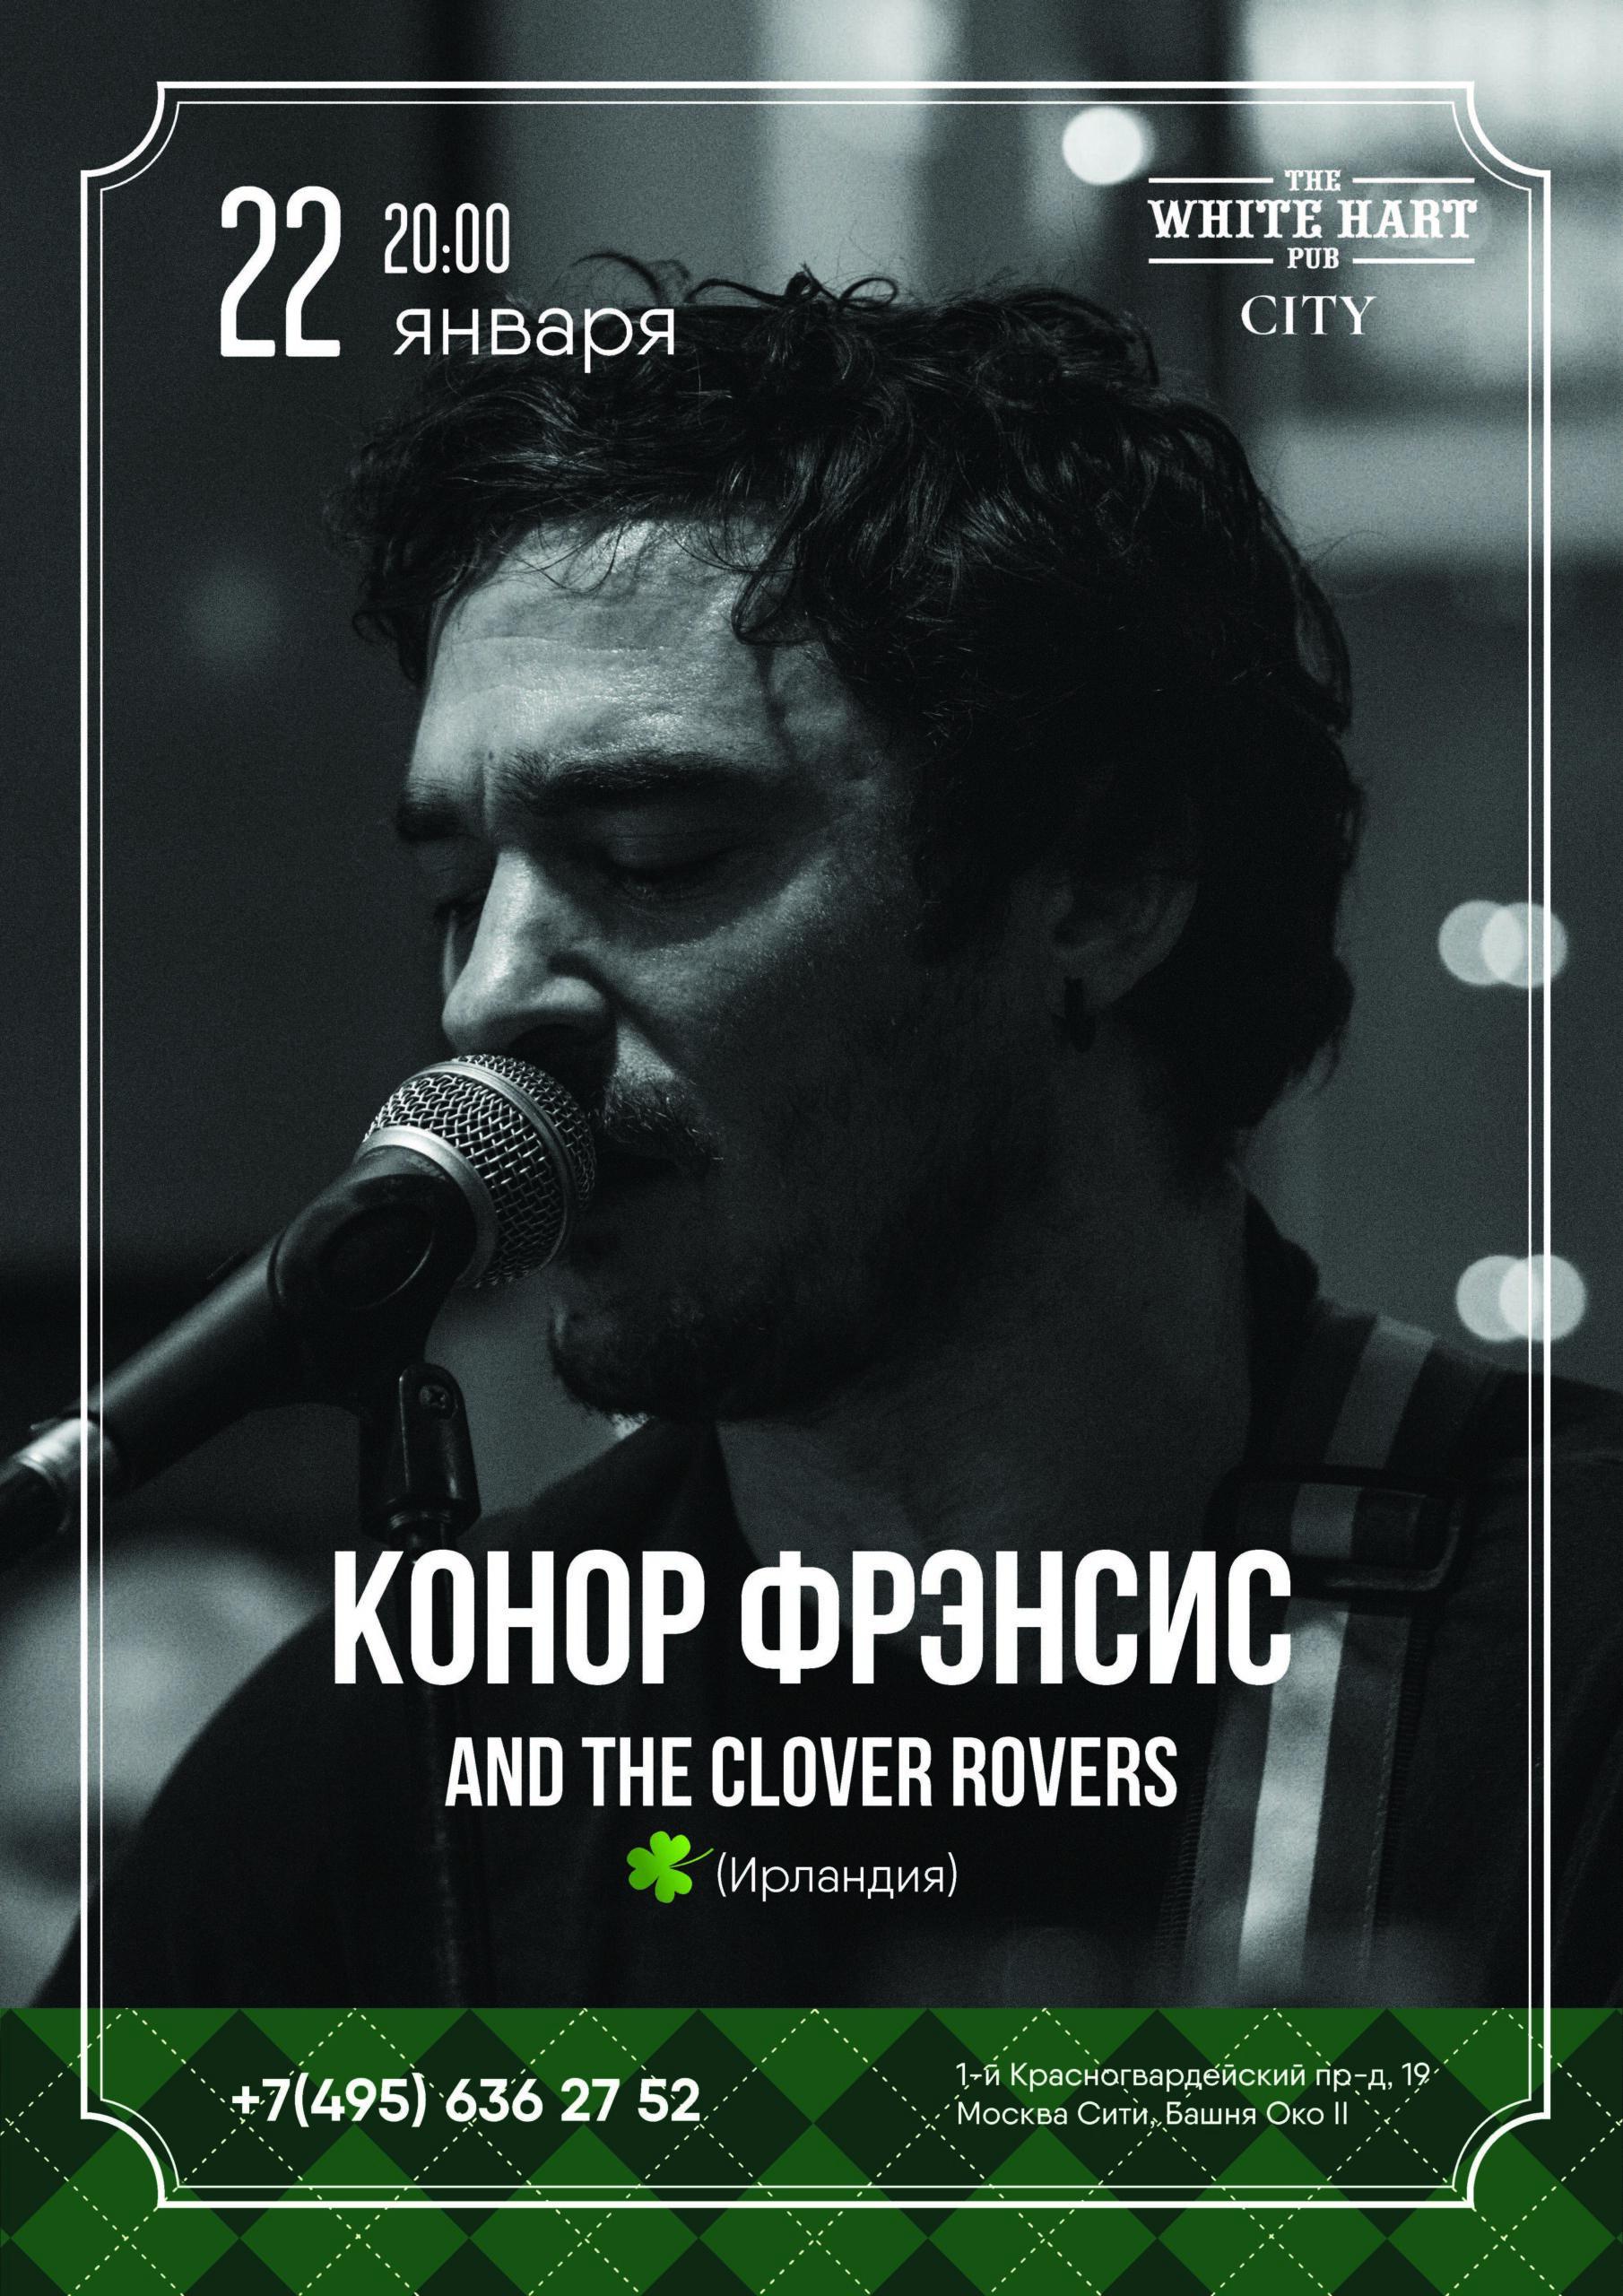 Афиша! Музыкальный исполнитель Конор Фрэнсис (Ирландия) 22 января в пабе White Hart Pub Moscow City